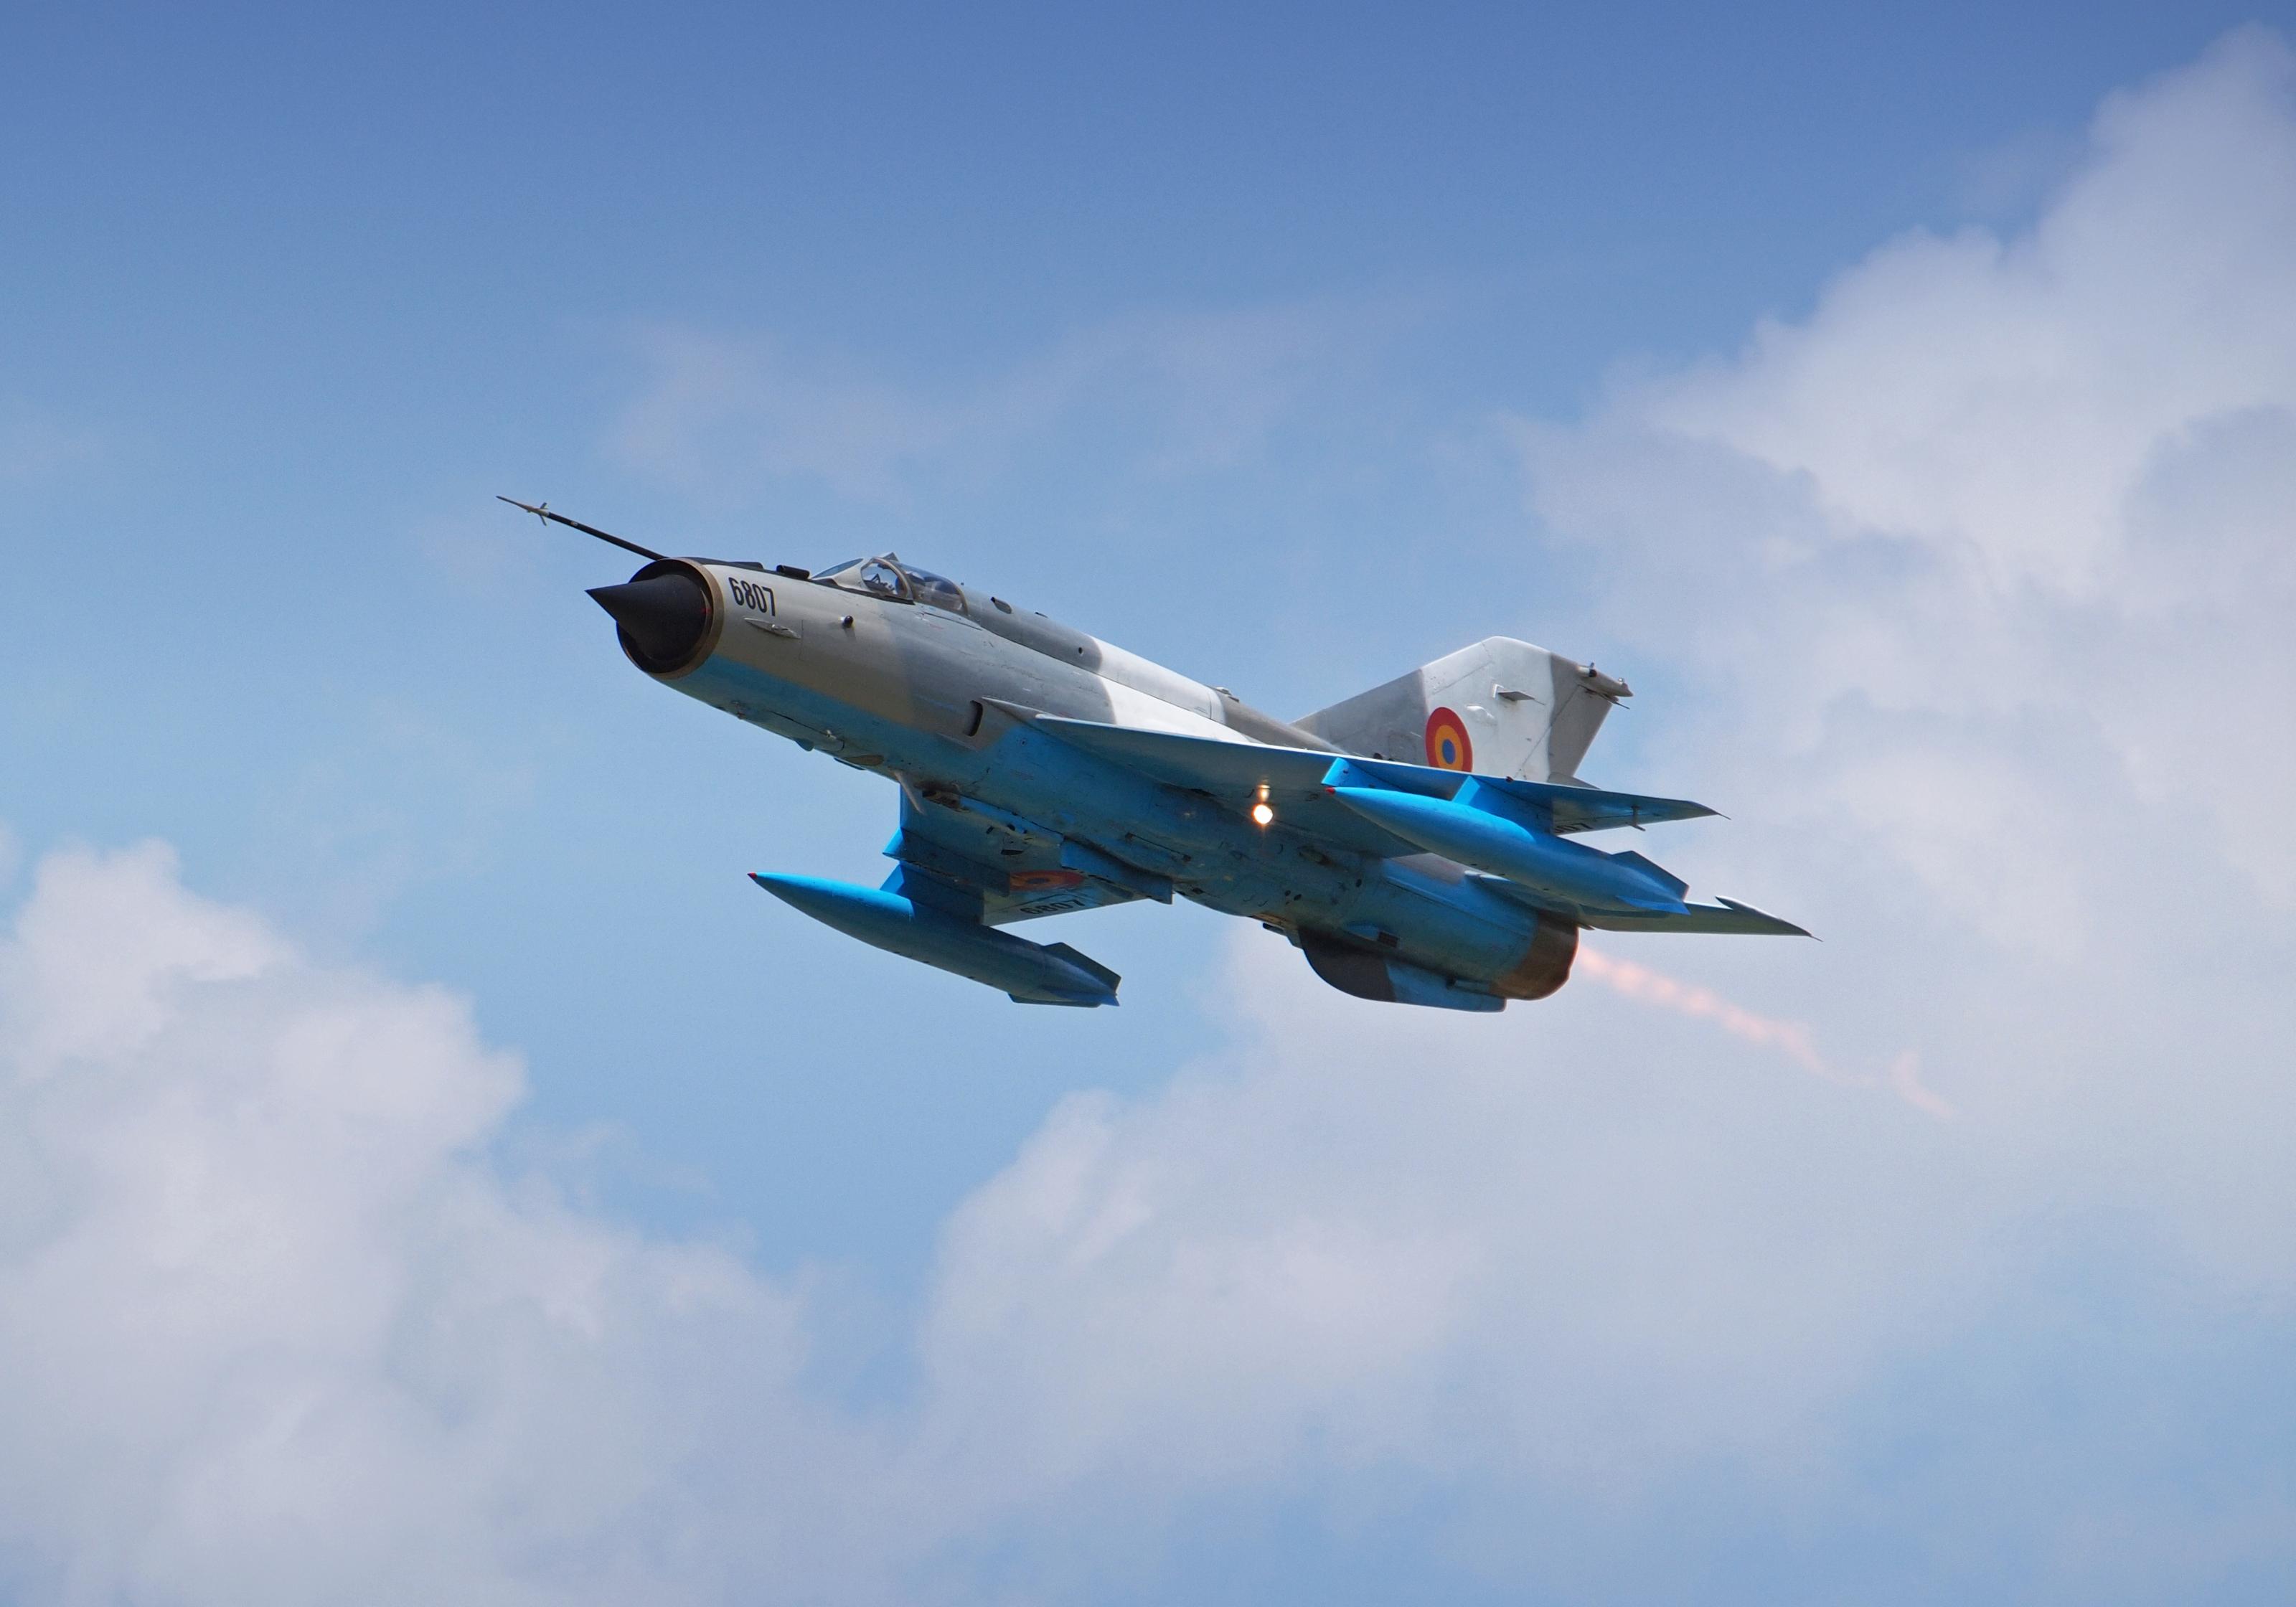 Aeronavă MiG-21 LanceR, implicată într-un incident la Câmpia Turzii. Modelul, reținut la sol